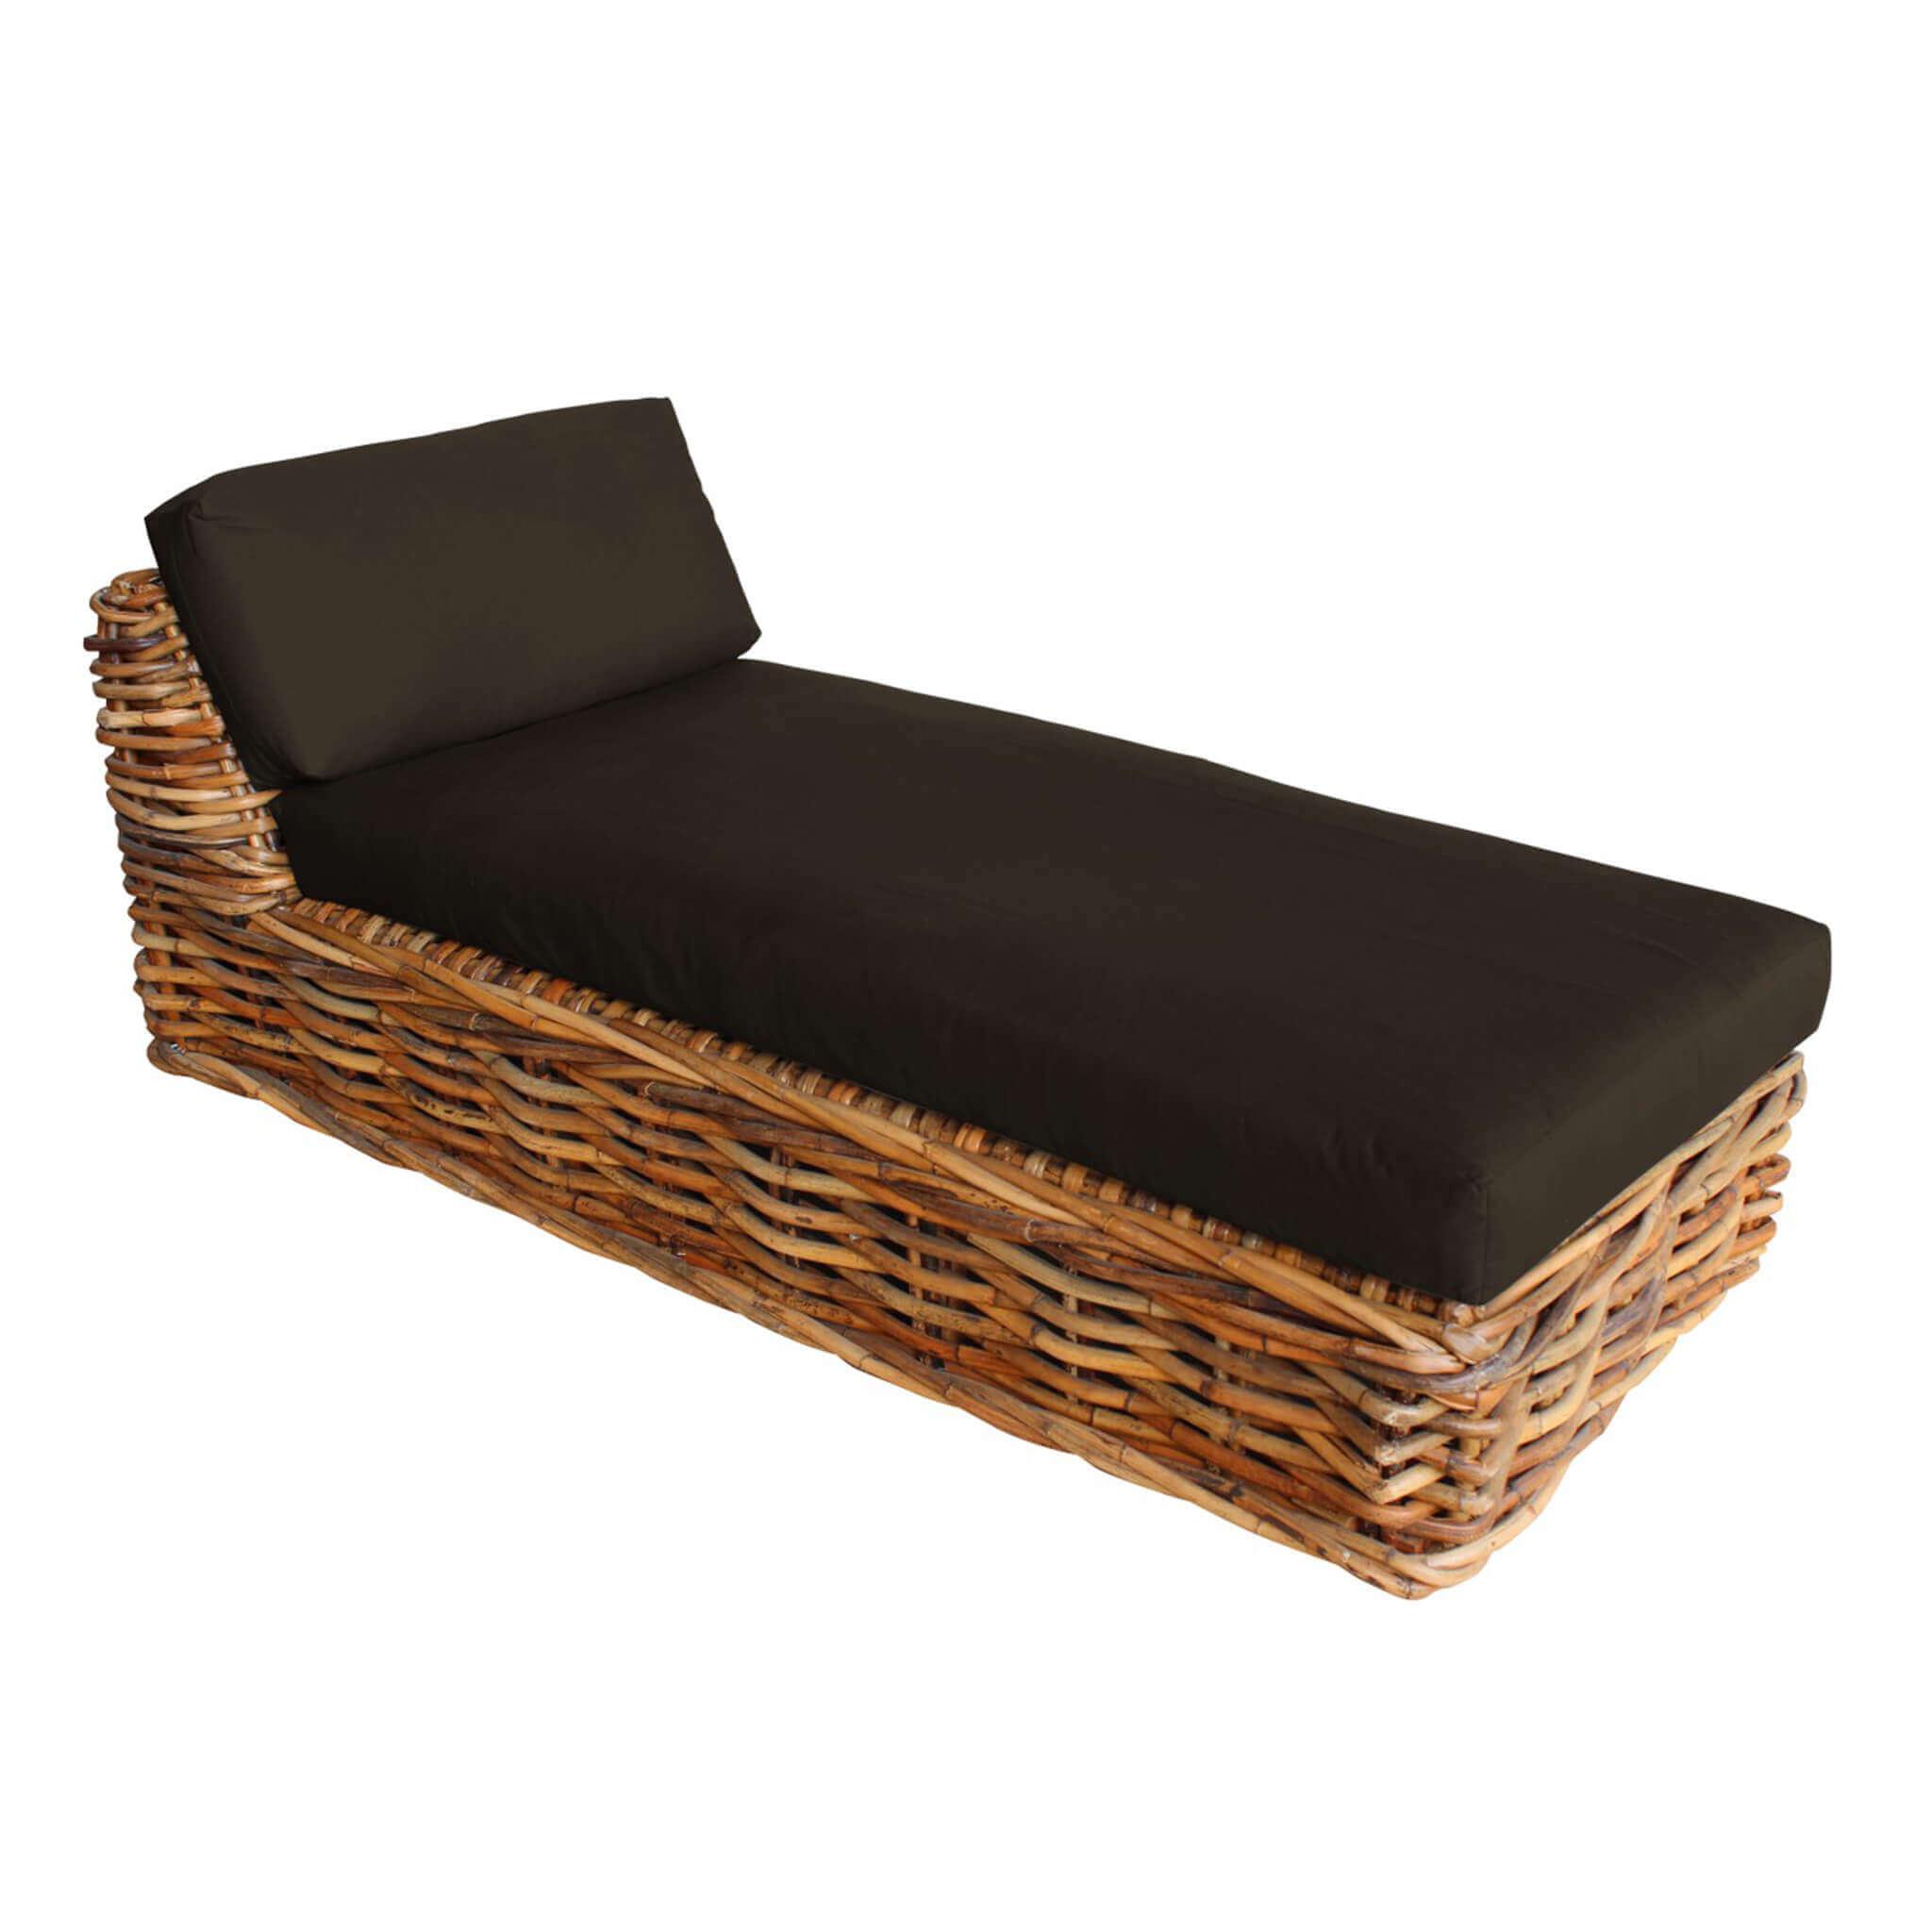 Milani Home ROSEUS - chaise longue da giardino componibile completo di cuscino intreccio in rattan naturale